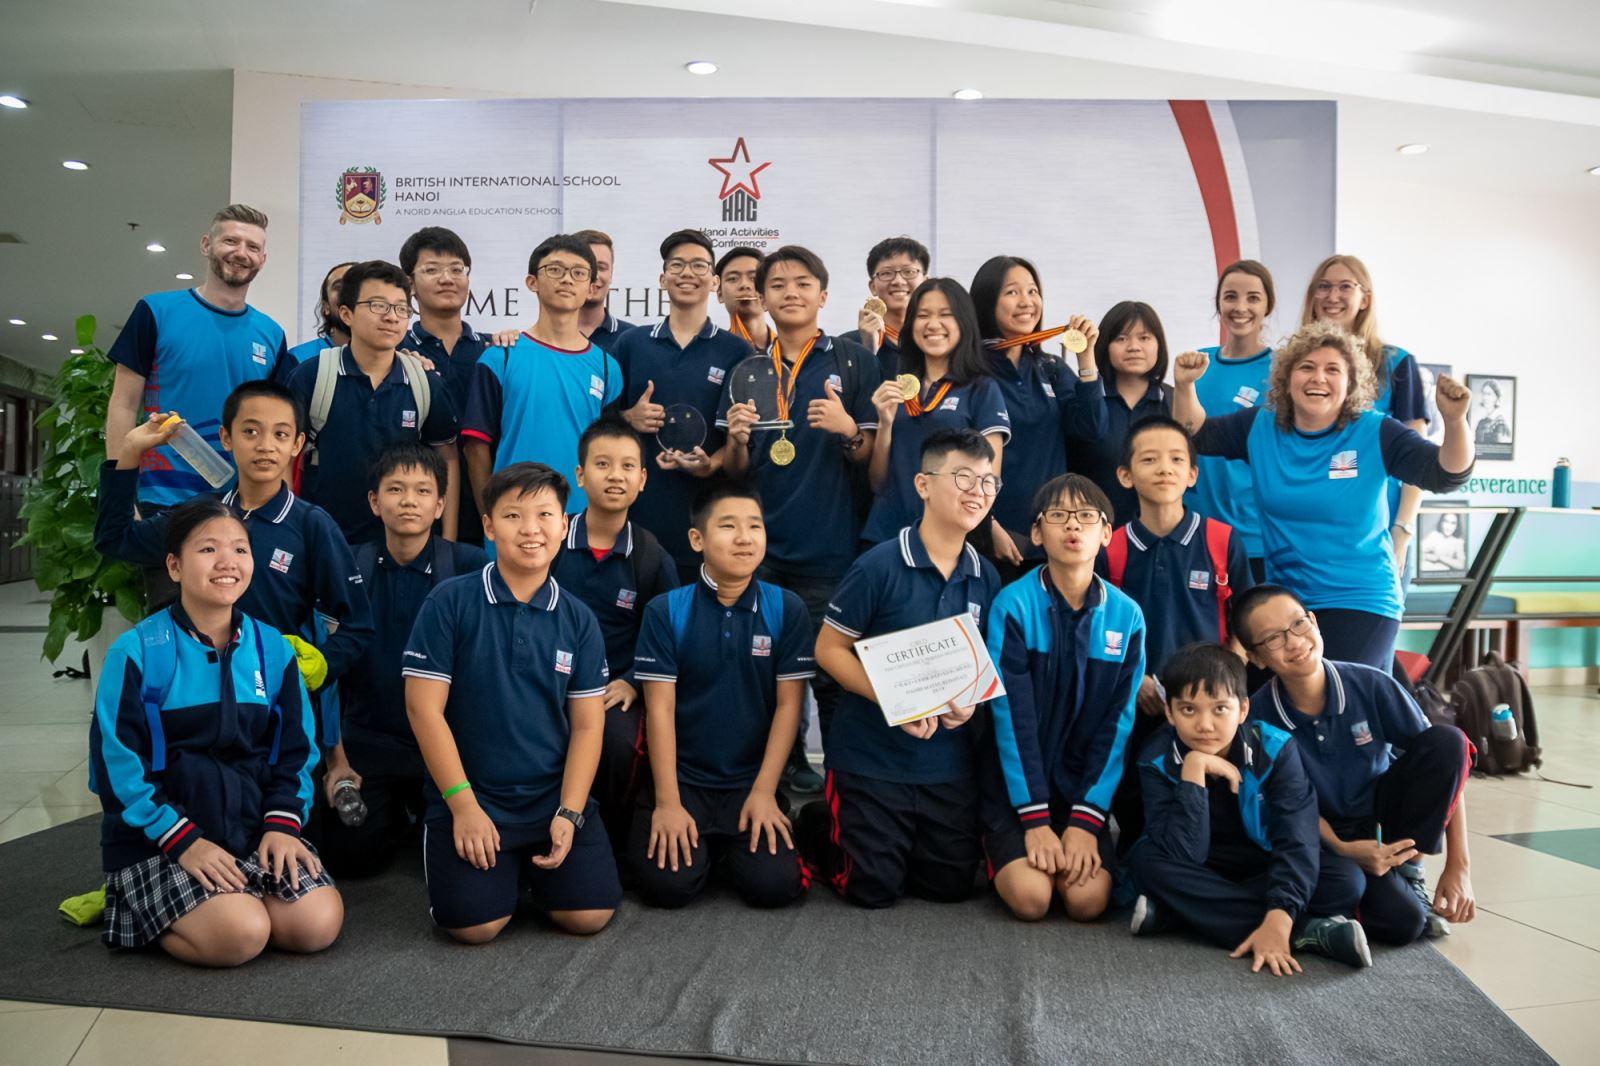 Nguyễn Siêu tiếp tục giữ ngôi đầu Hanoi Maths Olympiad